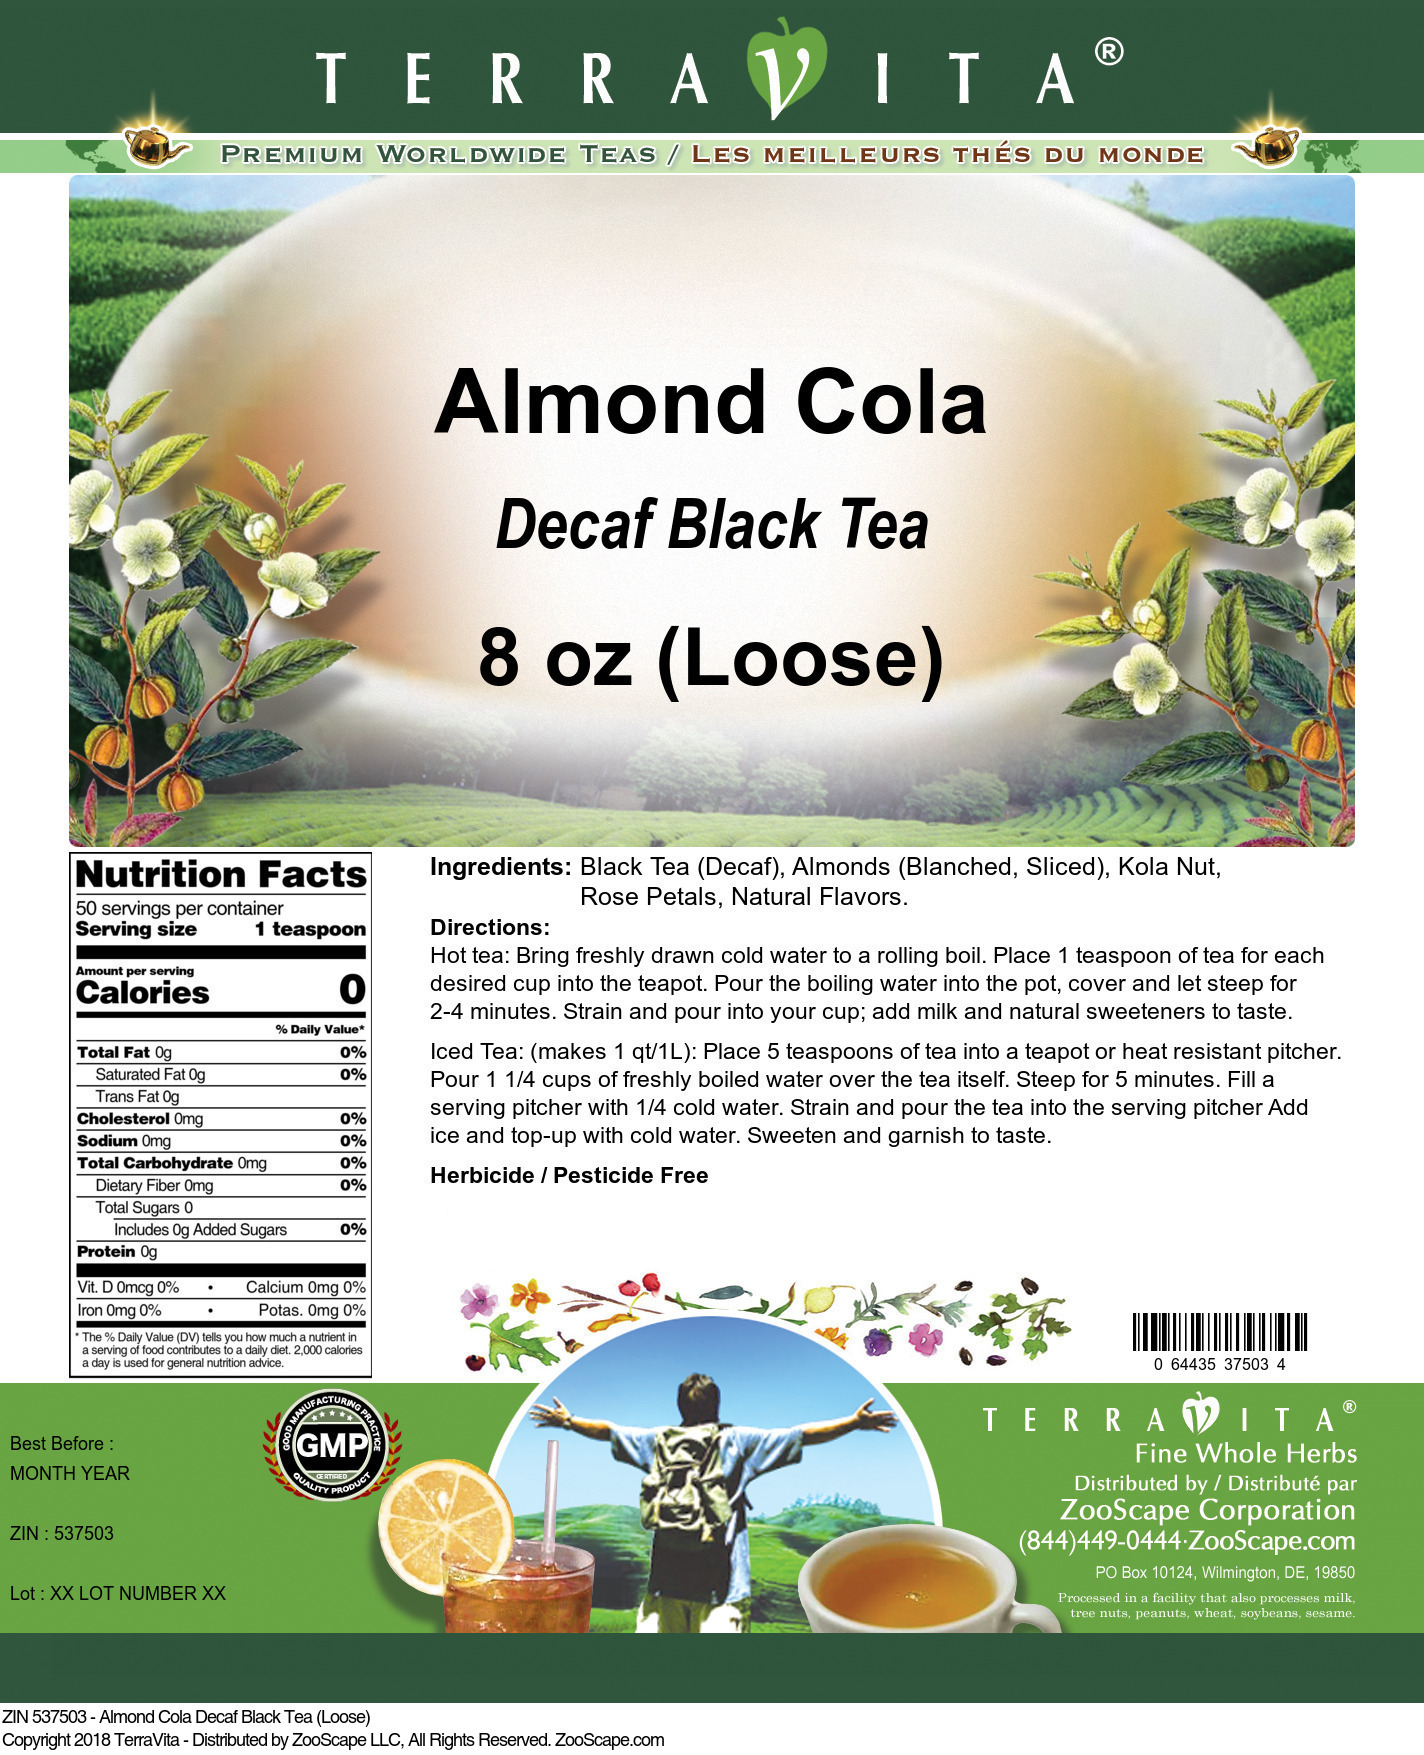 Almond Cola Decaf Black Tea (Loose)